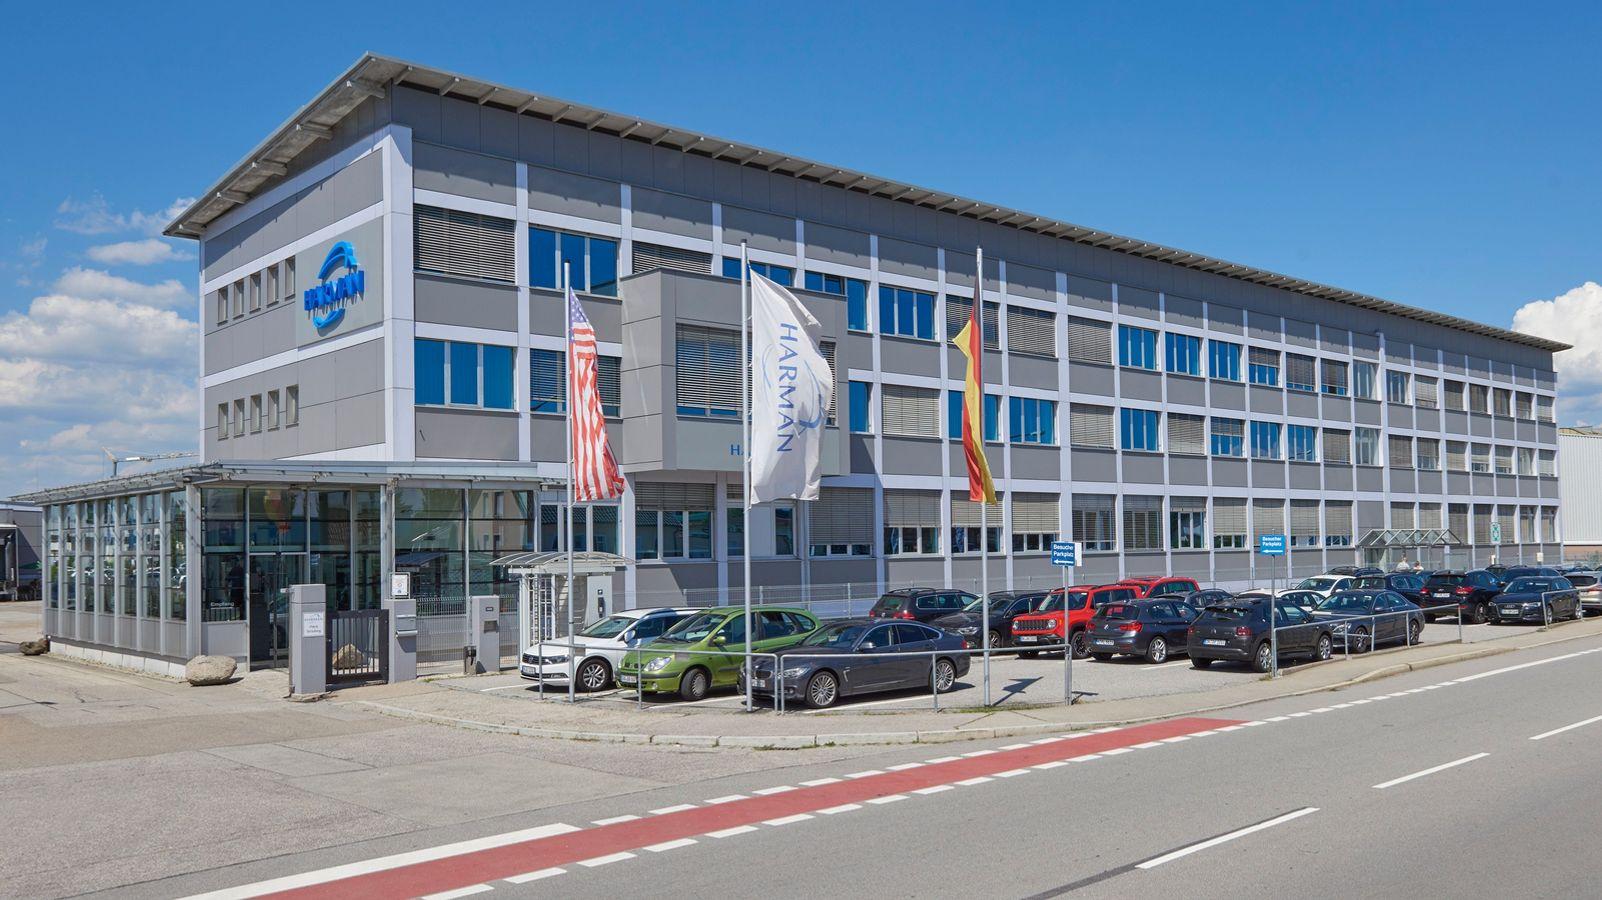 Harman schließt Straubinger Werk - 625 Arbeitsplätze weg